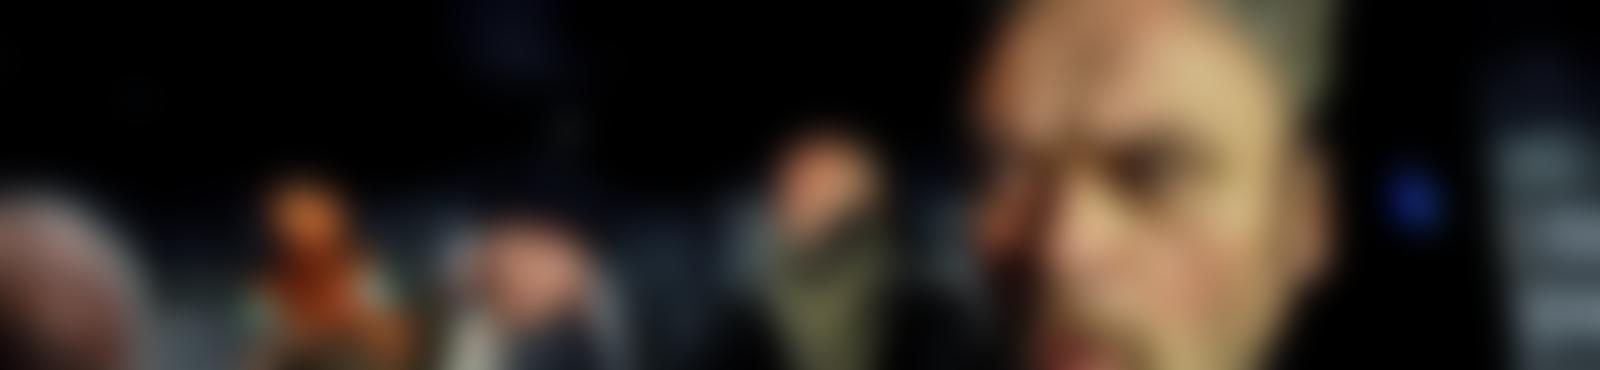 Blurred f450e3f8 91a9 4162 b350 2d96fbe48840